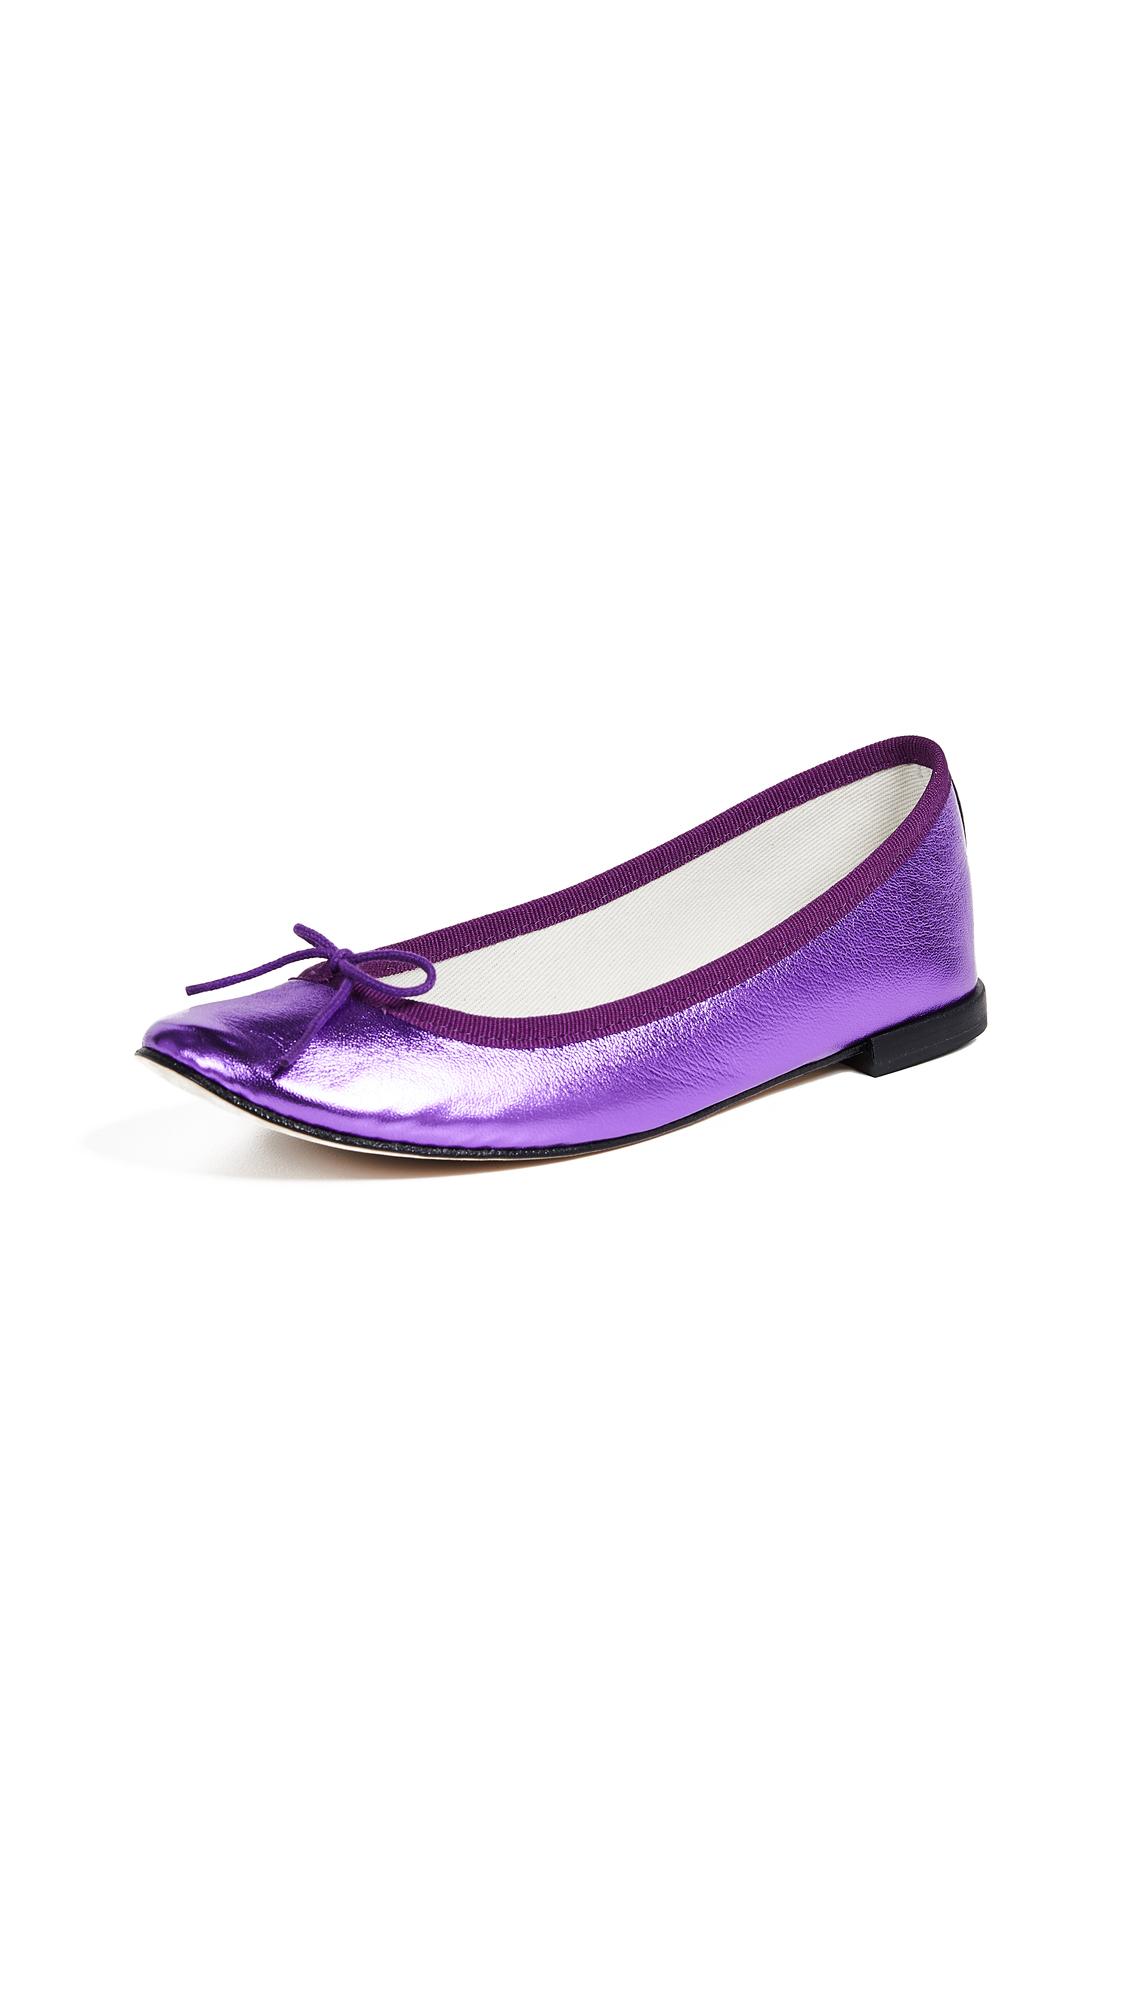 Repetto Cendrillon Metallic Ballerinas - Purple